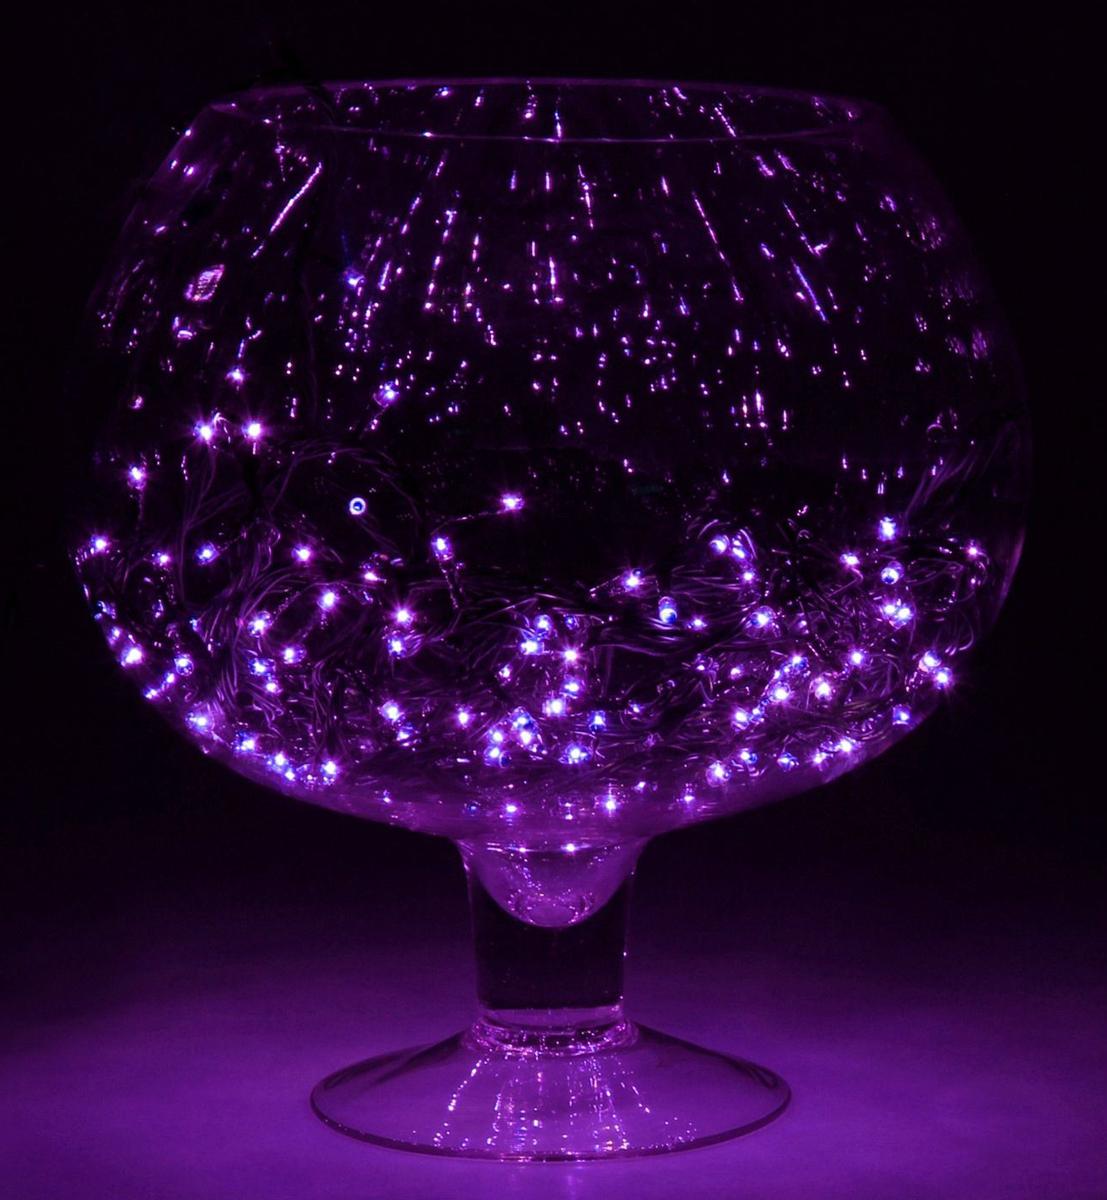 Гирлянда Luazon Метраж, 8 режимов, 240 ламп, 220 V, 9 м, цвет: фиолетовый. 187159187159Светодиодные гирлянды, ленты и т.д. — это отличный вариант для новогоднего оформления интерьера или фасада. С их помощью помещение любого размера можно превратить в праздничный зал, а внешние элементы зданий, украшенные ими, мгновенно станут напоминать очертания сказочного дворца. Такие украшения создают ауру предвкушения чуда. Деревья, фасады, витрины, окна и арки будто специально созданы, чтобы вы украсили их светящимися нитями.